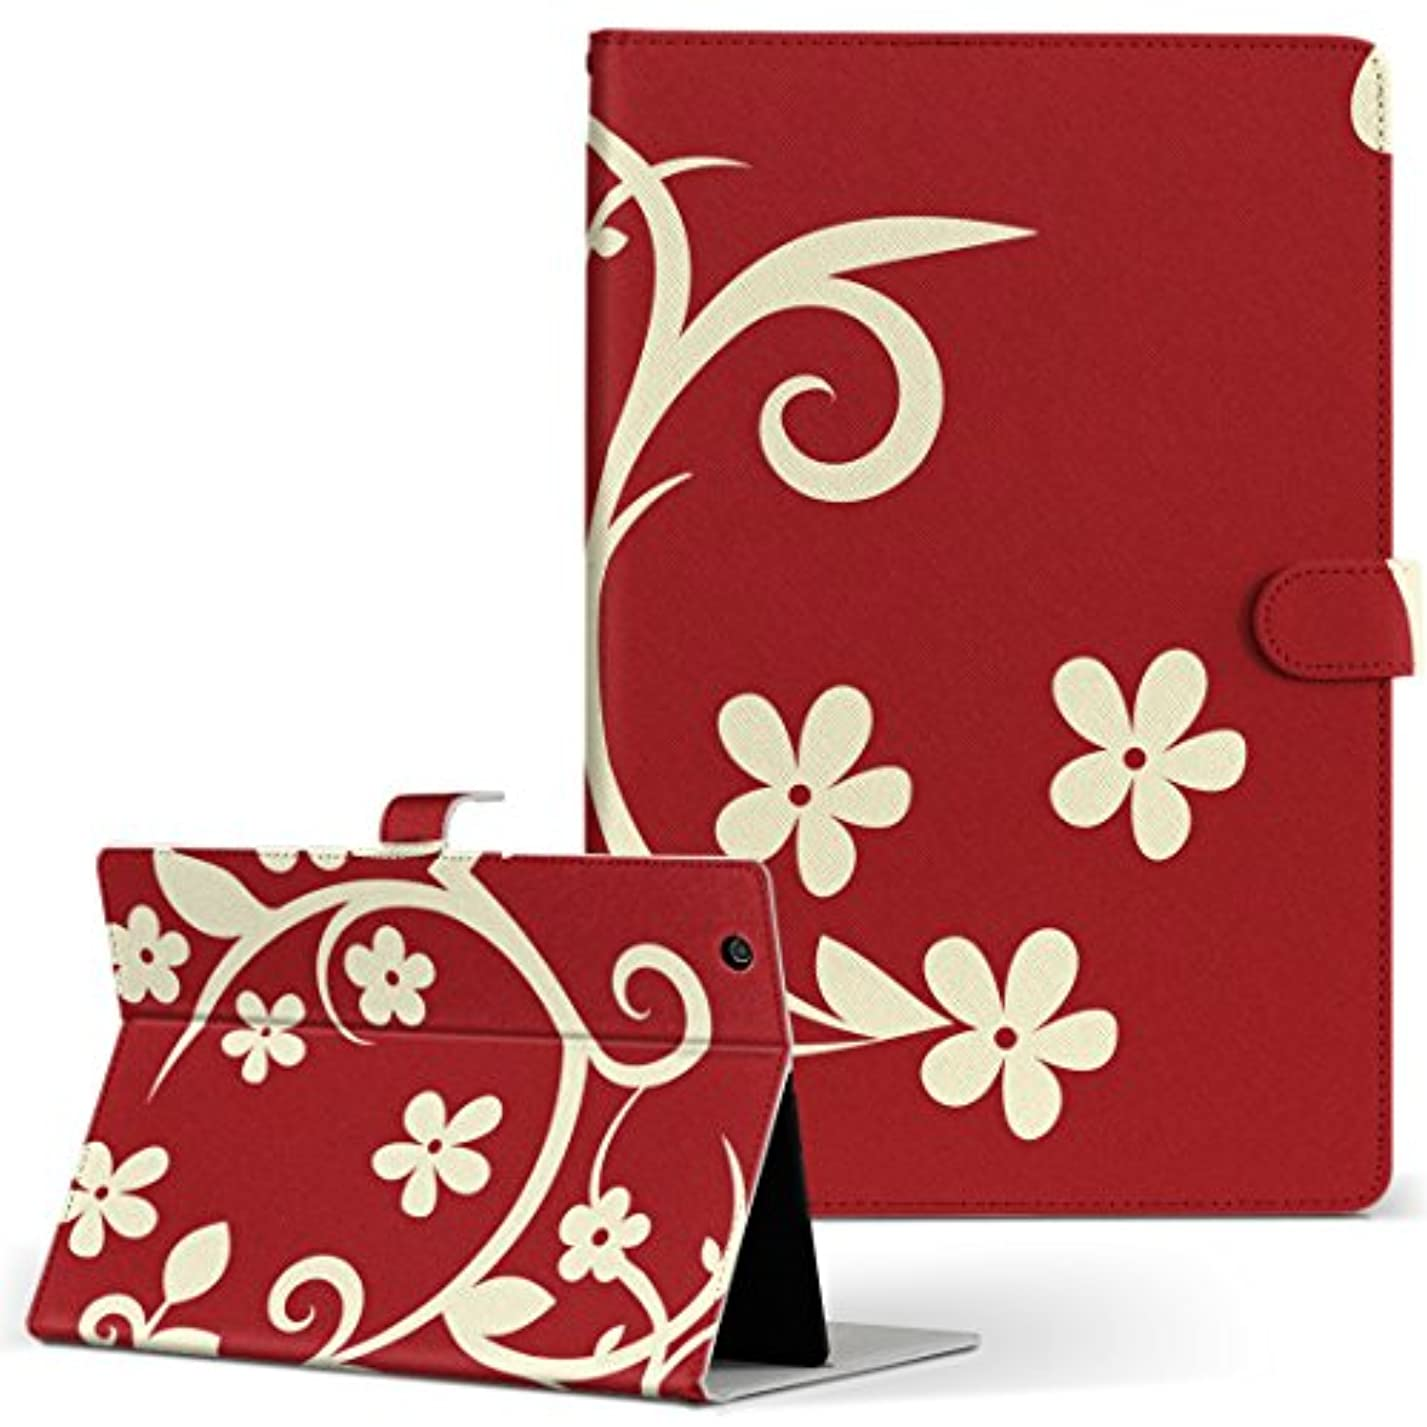 信じる教える大きさigcase d-01K Huawei ファーウェイ dtab ディータブ タブレット 手帳型 タブレットケース タブレットカバー カバー レザー ケース 手帳タイプ フリップ ダイアリー 二つ折り 直接貼り付けタイプ 003915 フラワー 花 フラワー 赤